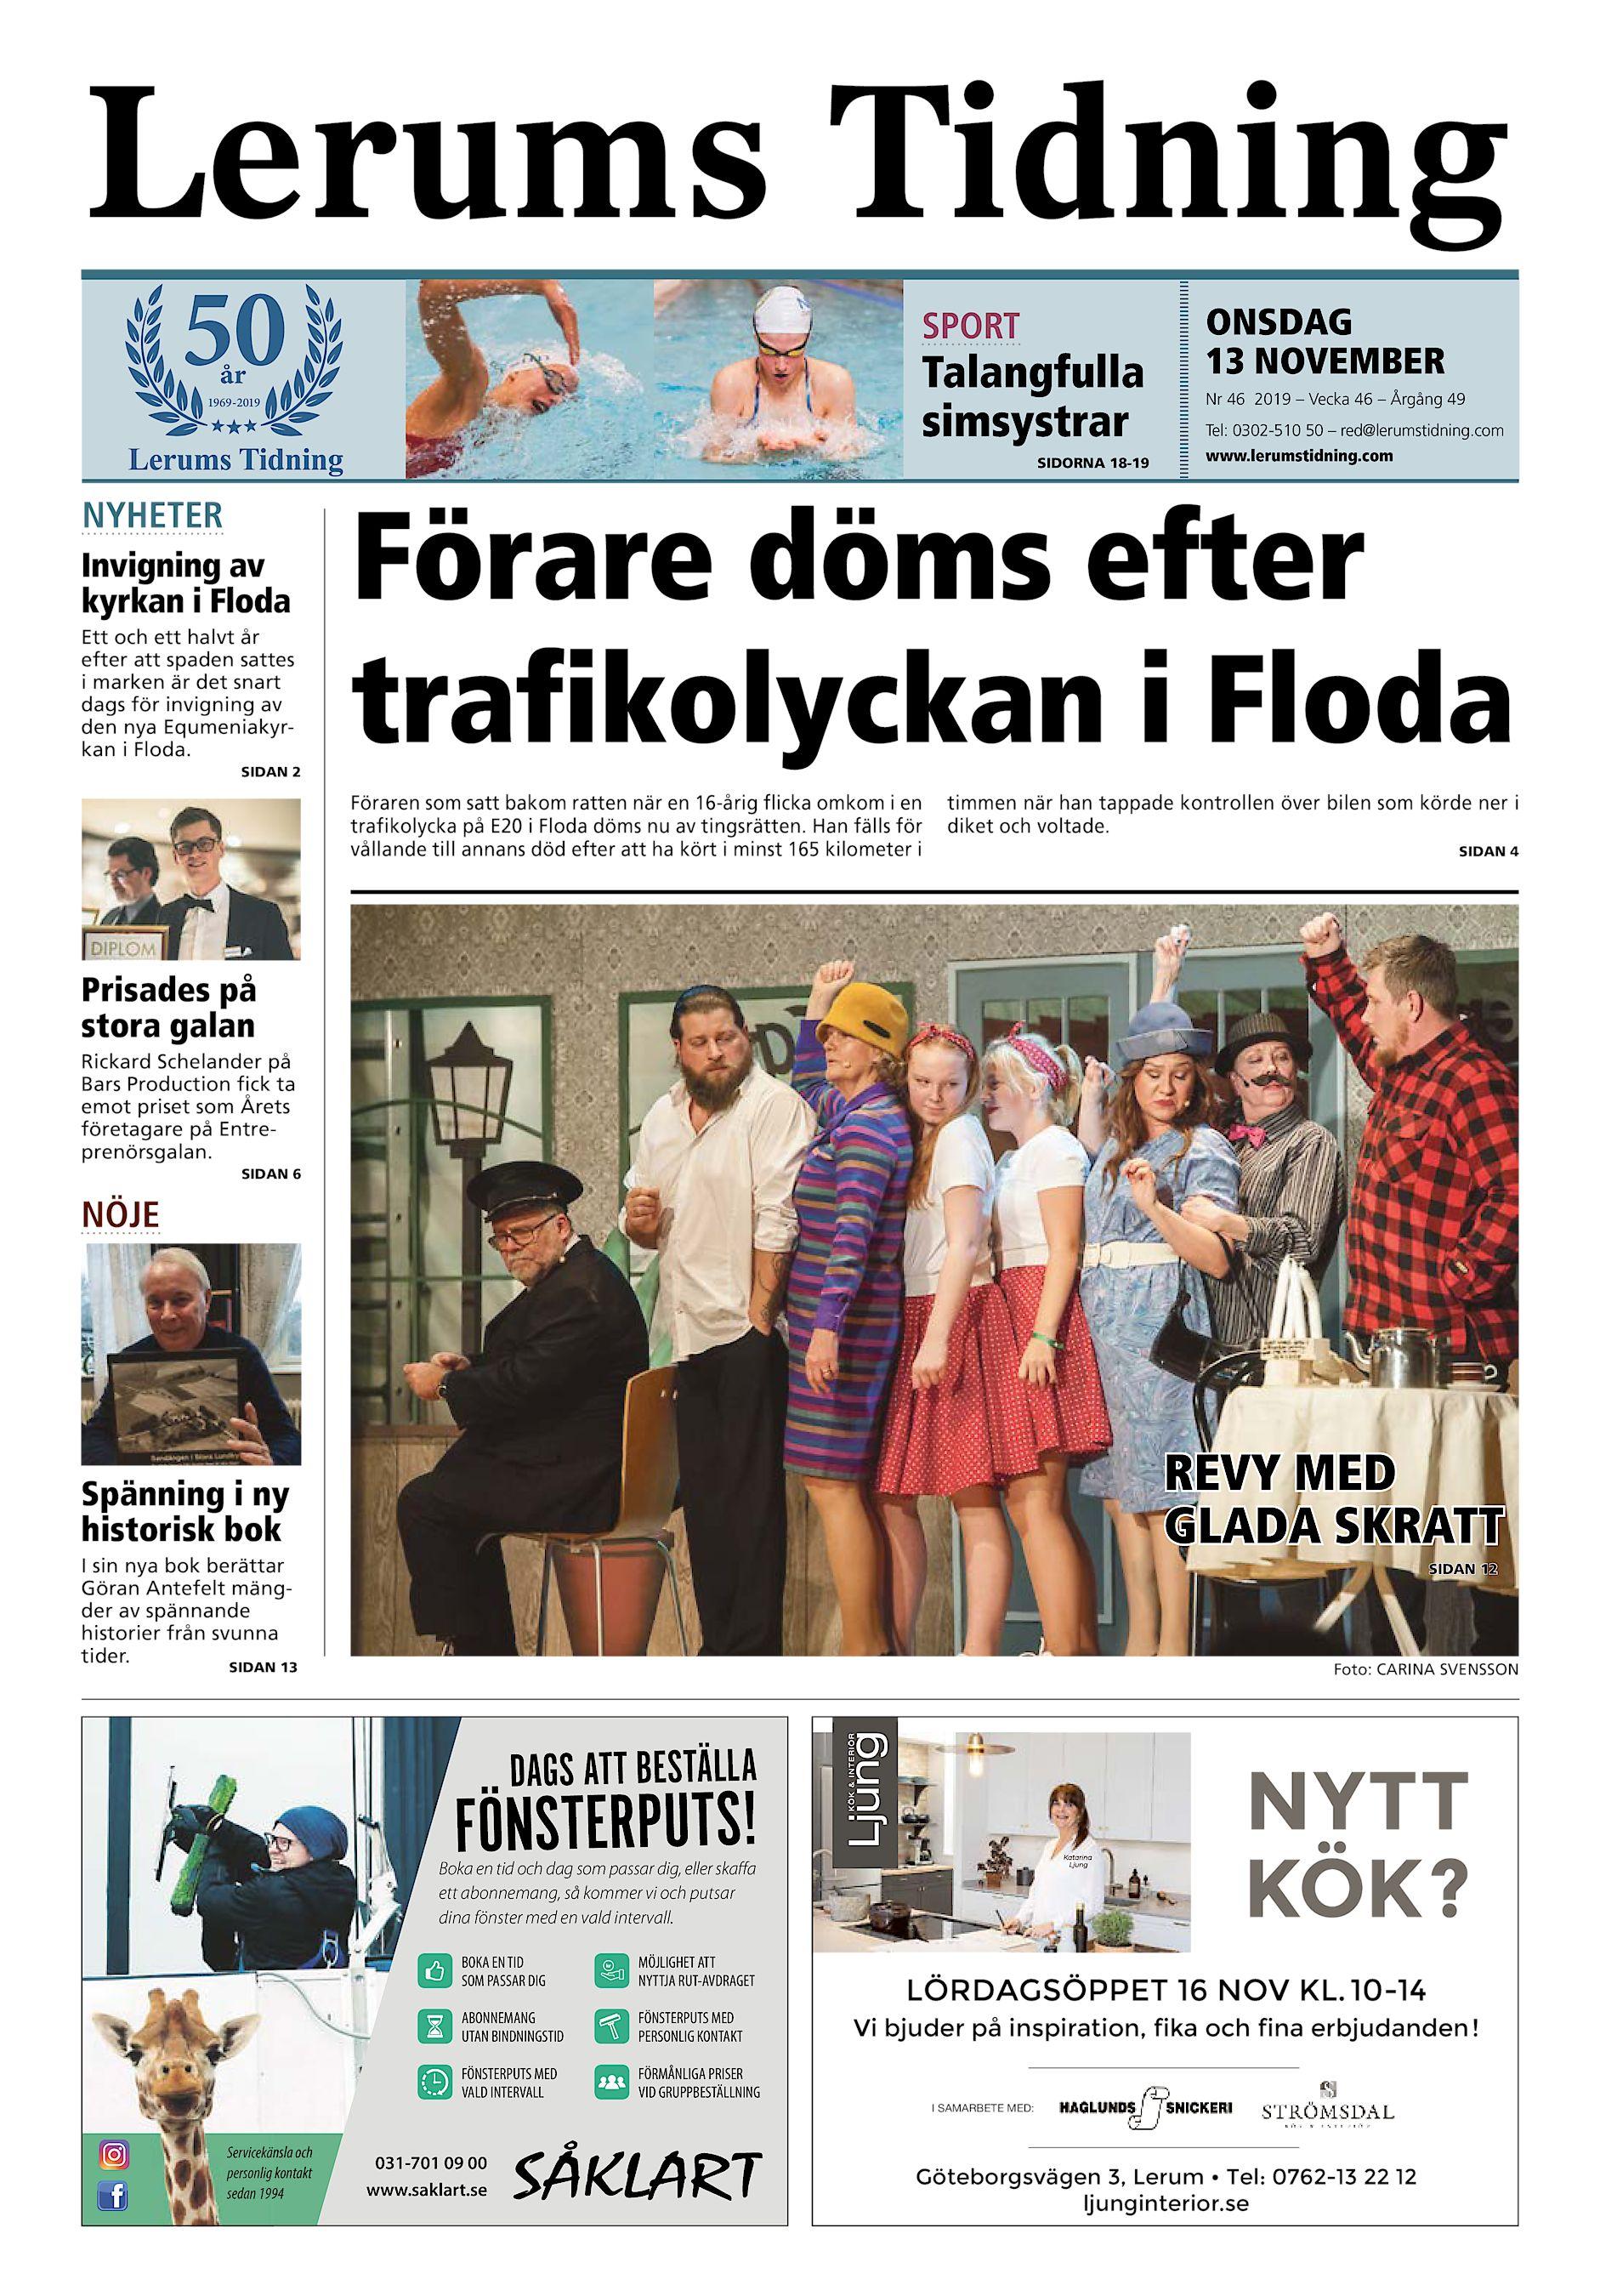 Dejtingsajt Aktiviteter Fr Singlar I Sverige